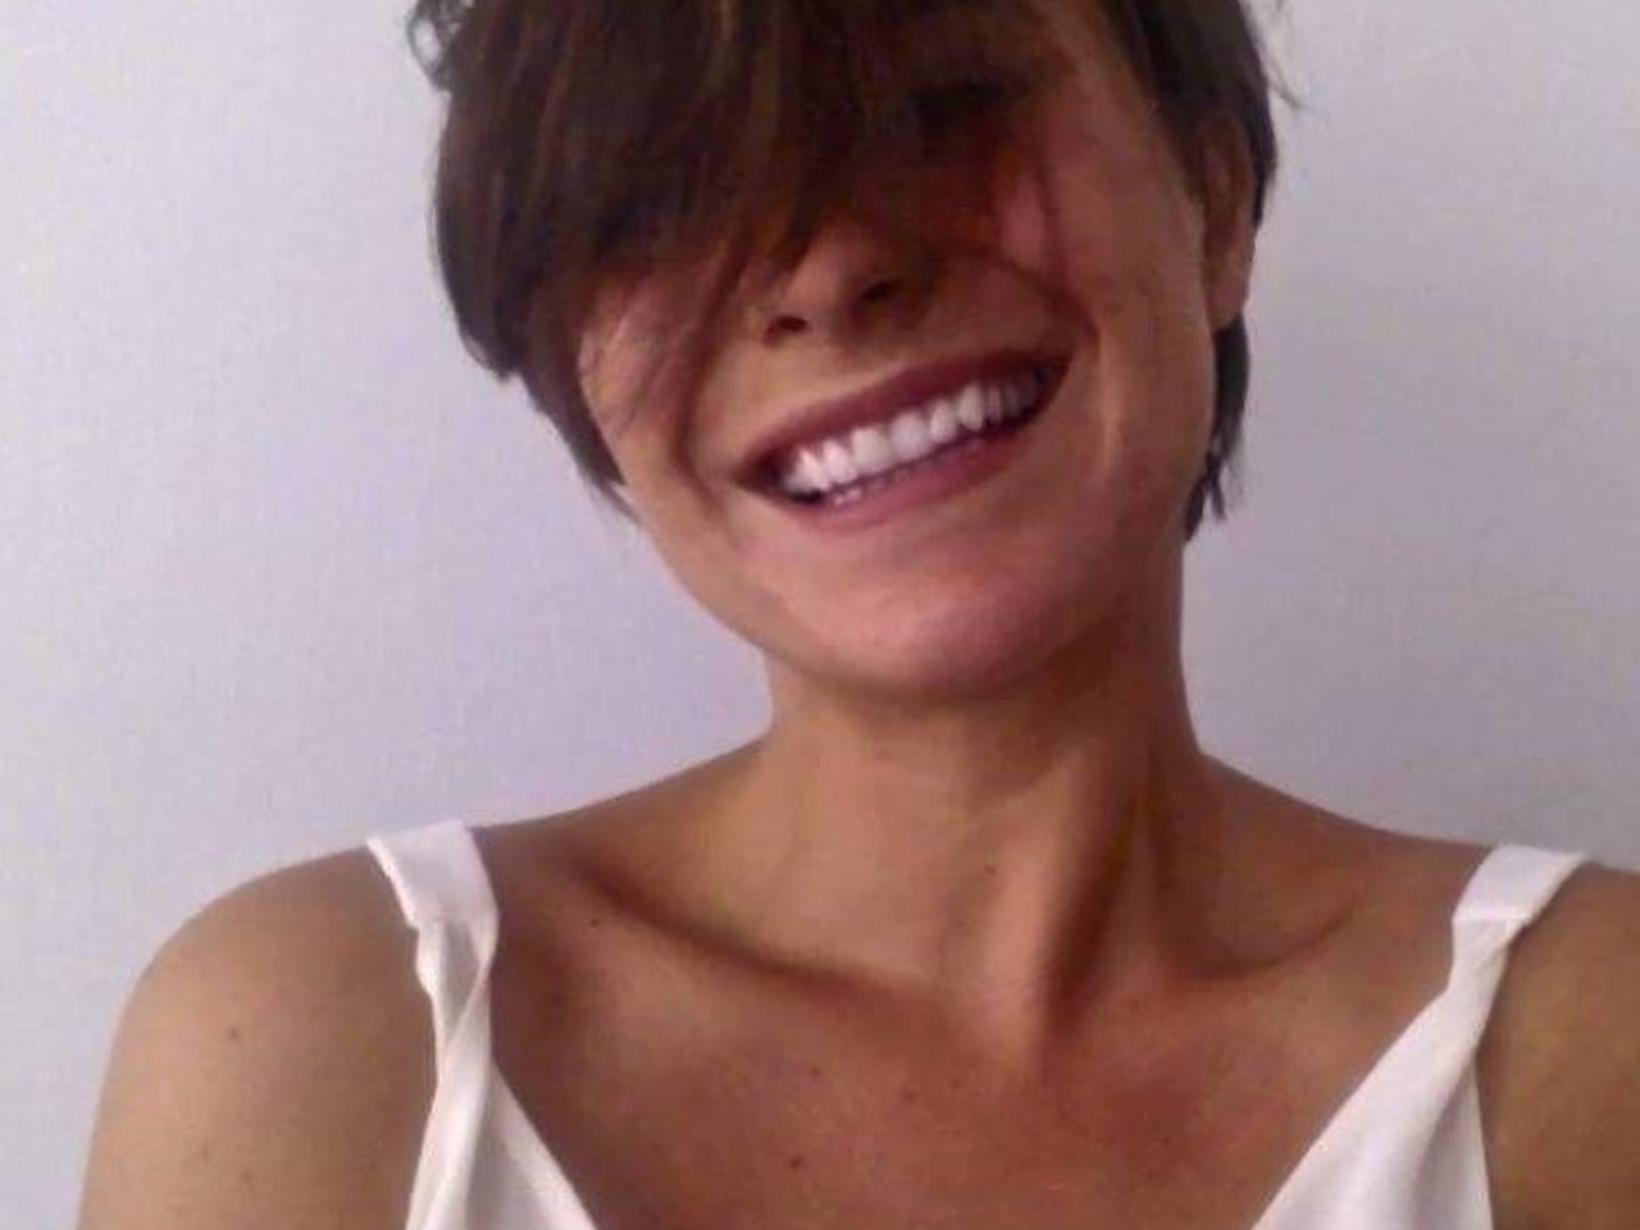 Lisa from Vienna, Austria